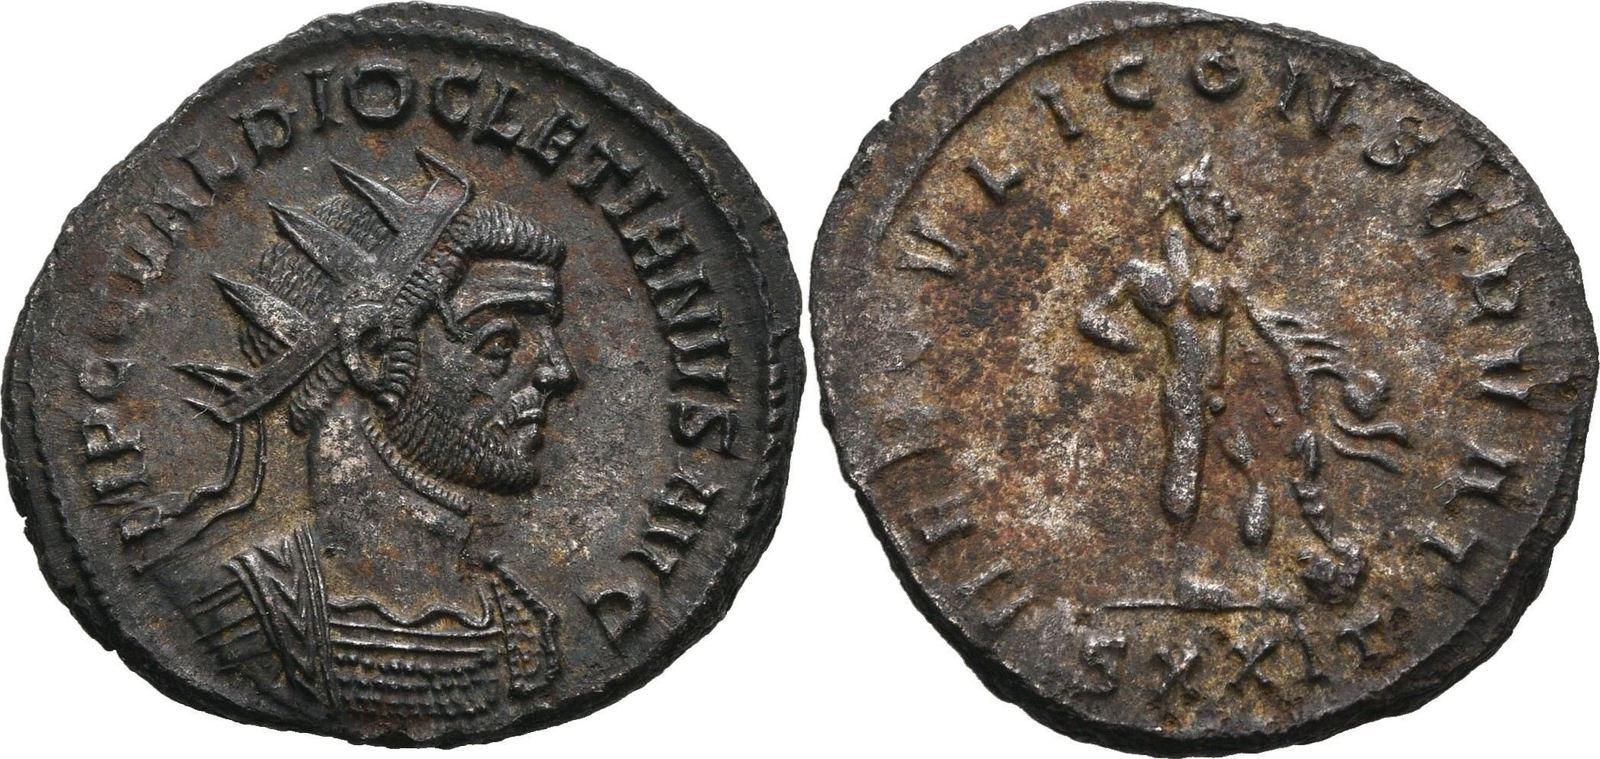 RÖMISCHE KAISERZEIT Antoninian 290-291 n.Chr. Lugdunum